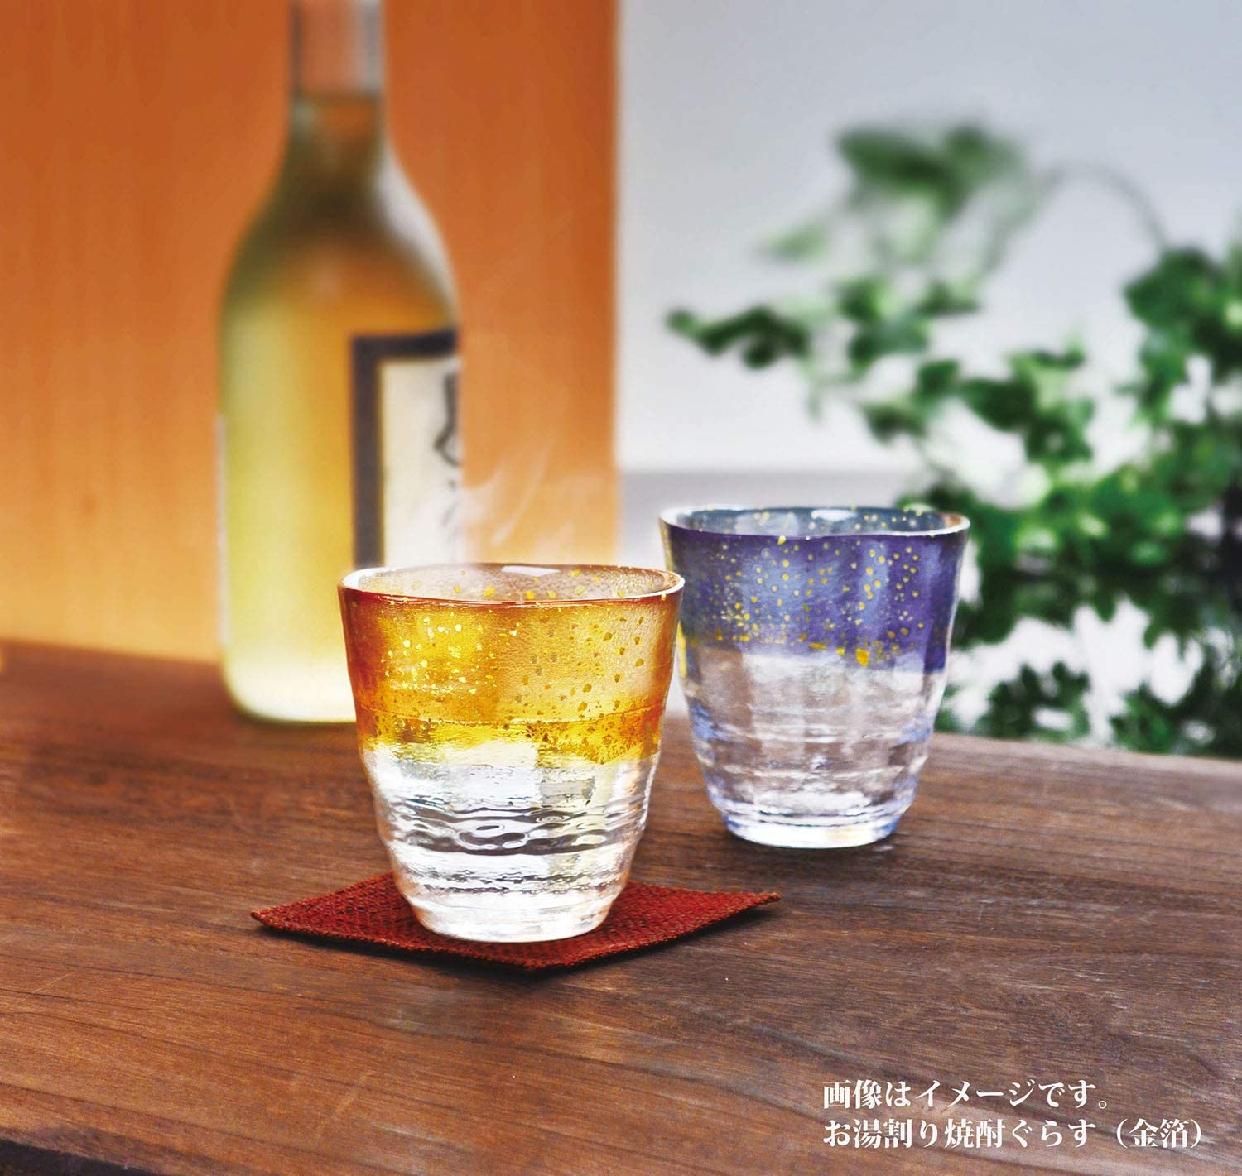 東洋佐々木ガラス お湯わり焼酎ぐらす(琥珀・金箔) 42130TS-G-WGABの商品画像7